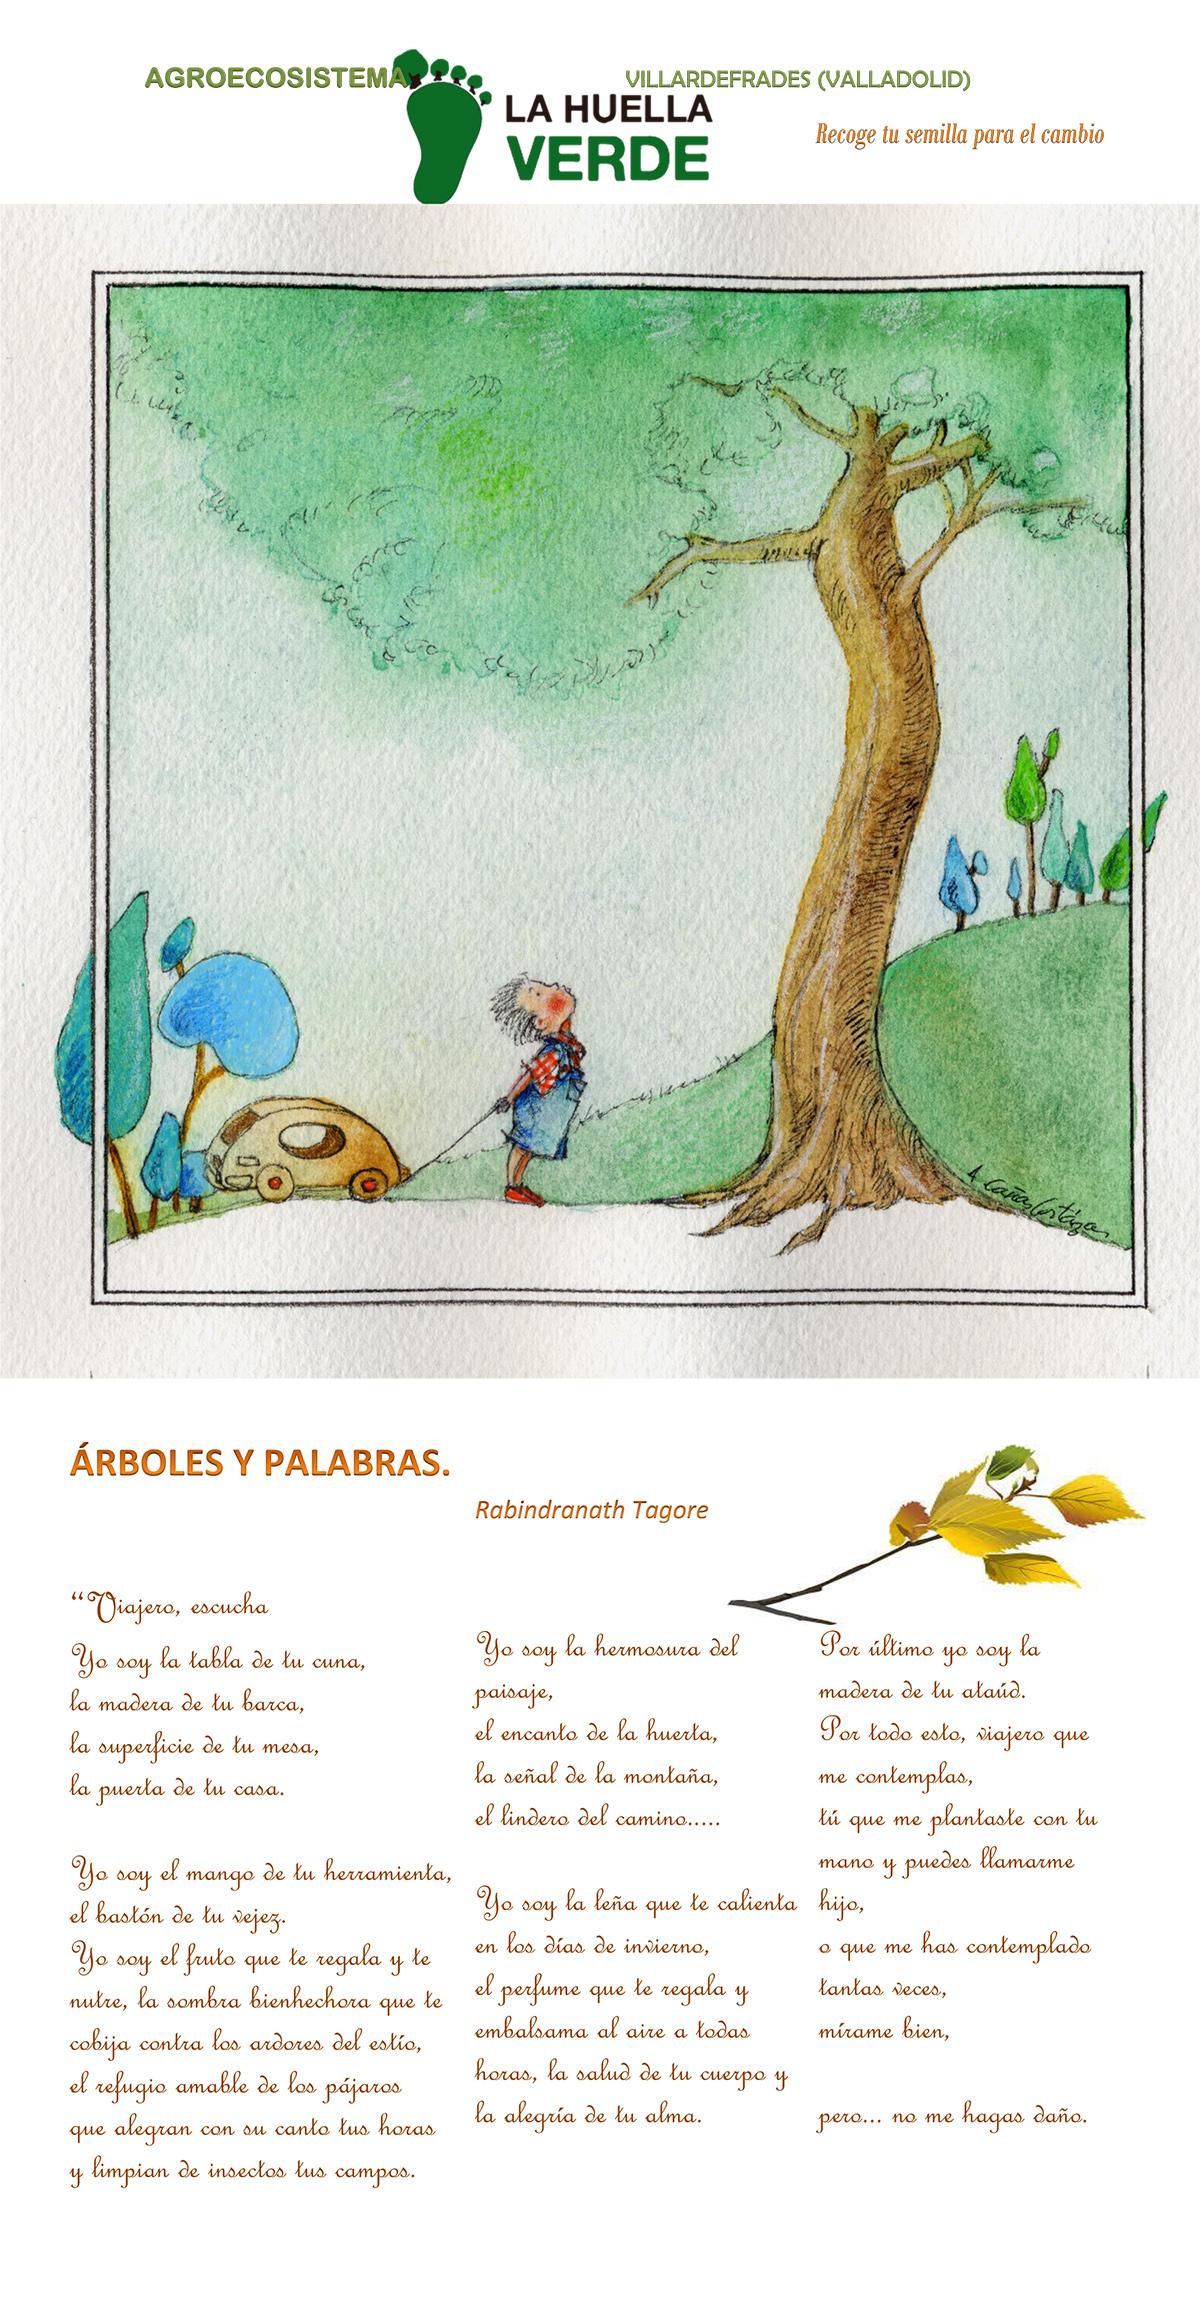 arboles-y-palabras_1200